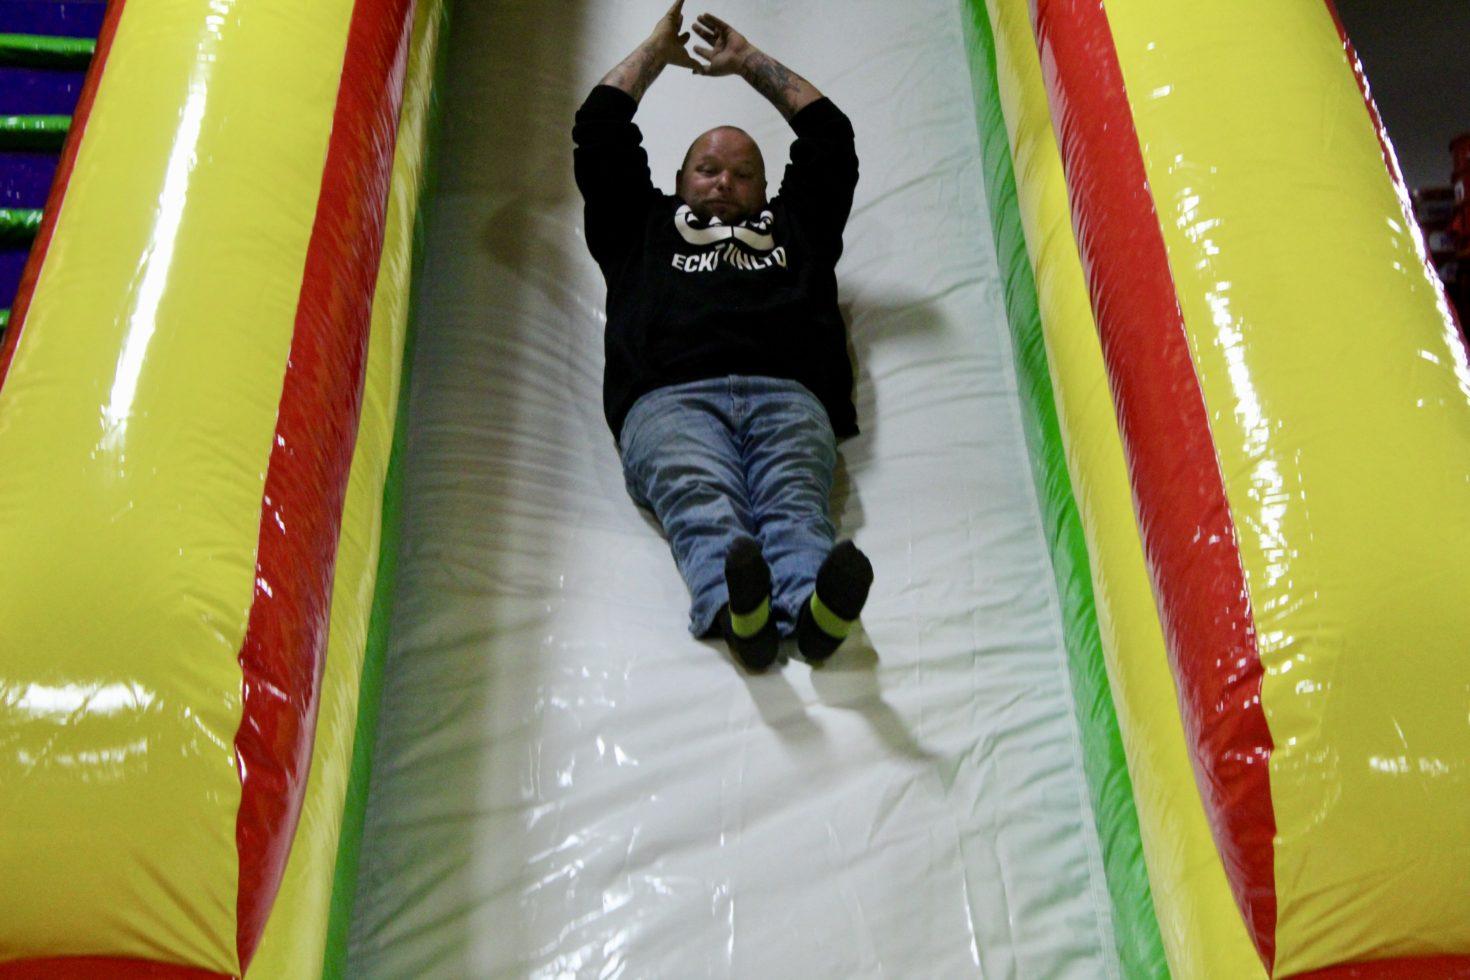 Guy sliding down commander slide